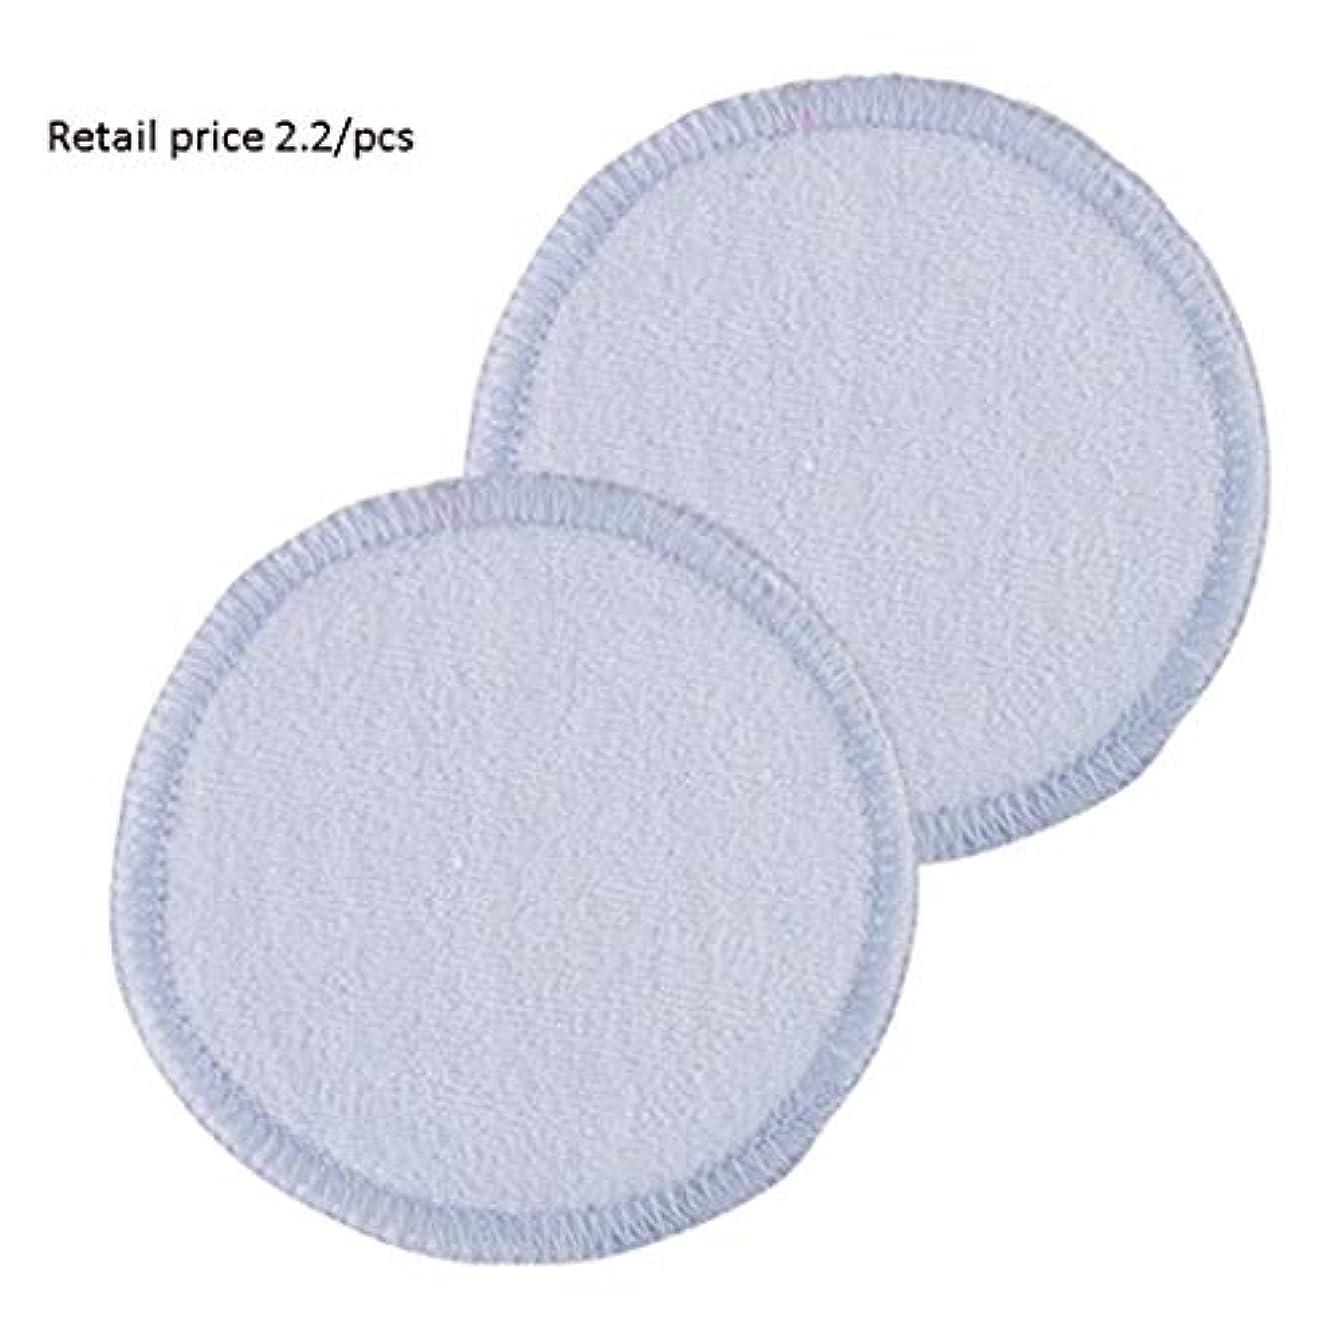 申込みマルコポーロハチクレンジングシート 再利用可能な洗える8センチラウンドクレンジングコットンパッド、収納バッグ付き4色、ランドリー製品用スキンケア製品 (Color : Blue, サイズ : 8cm)